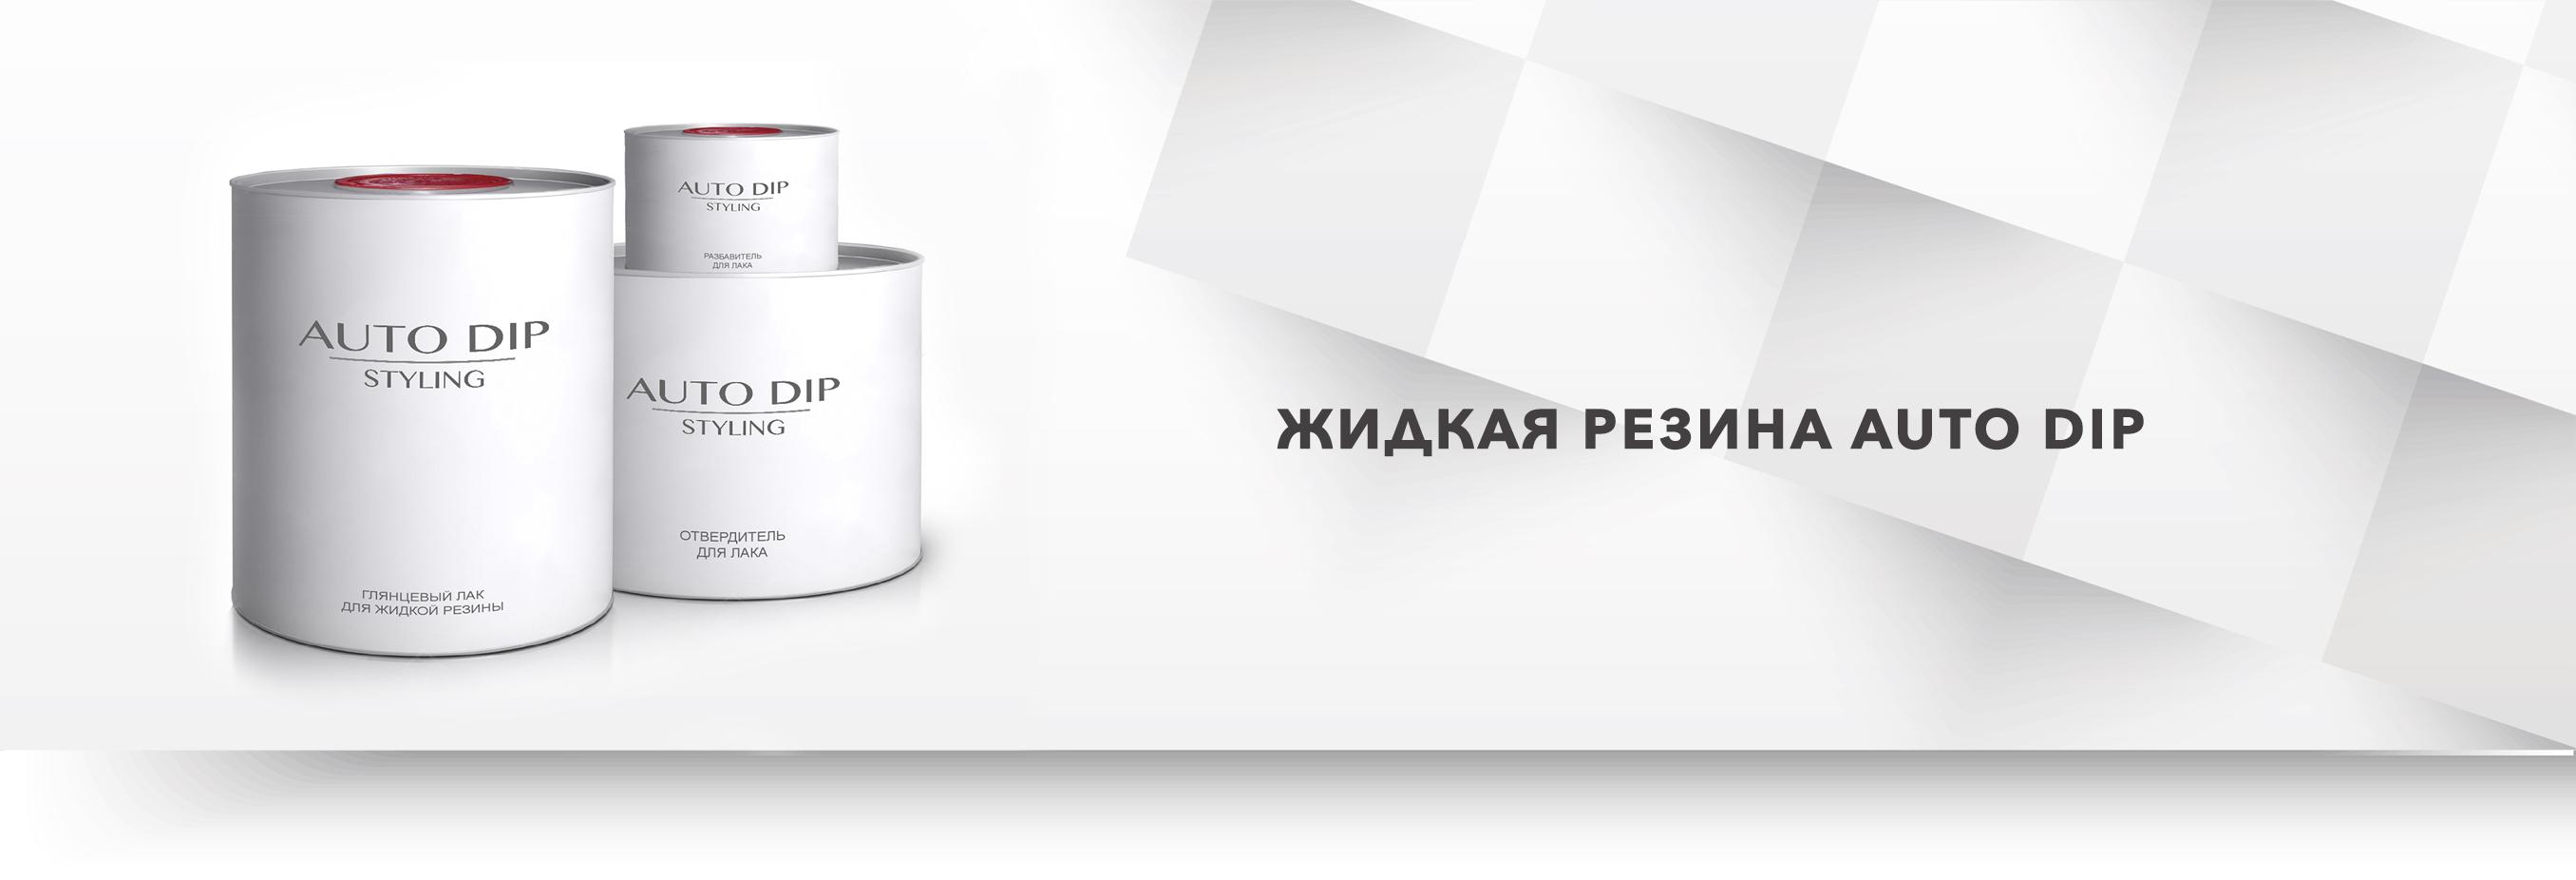 ad small